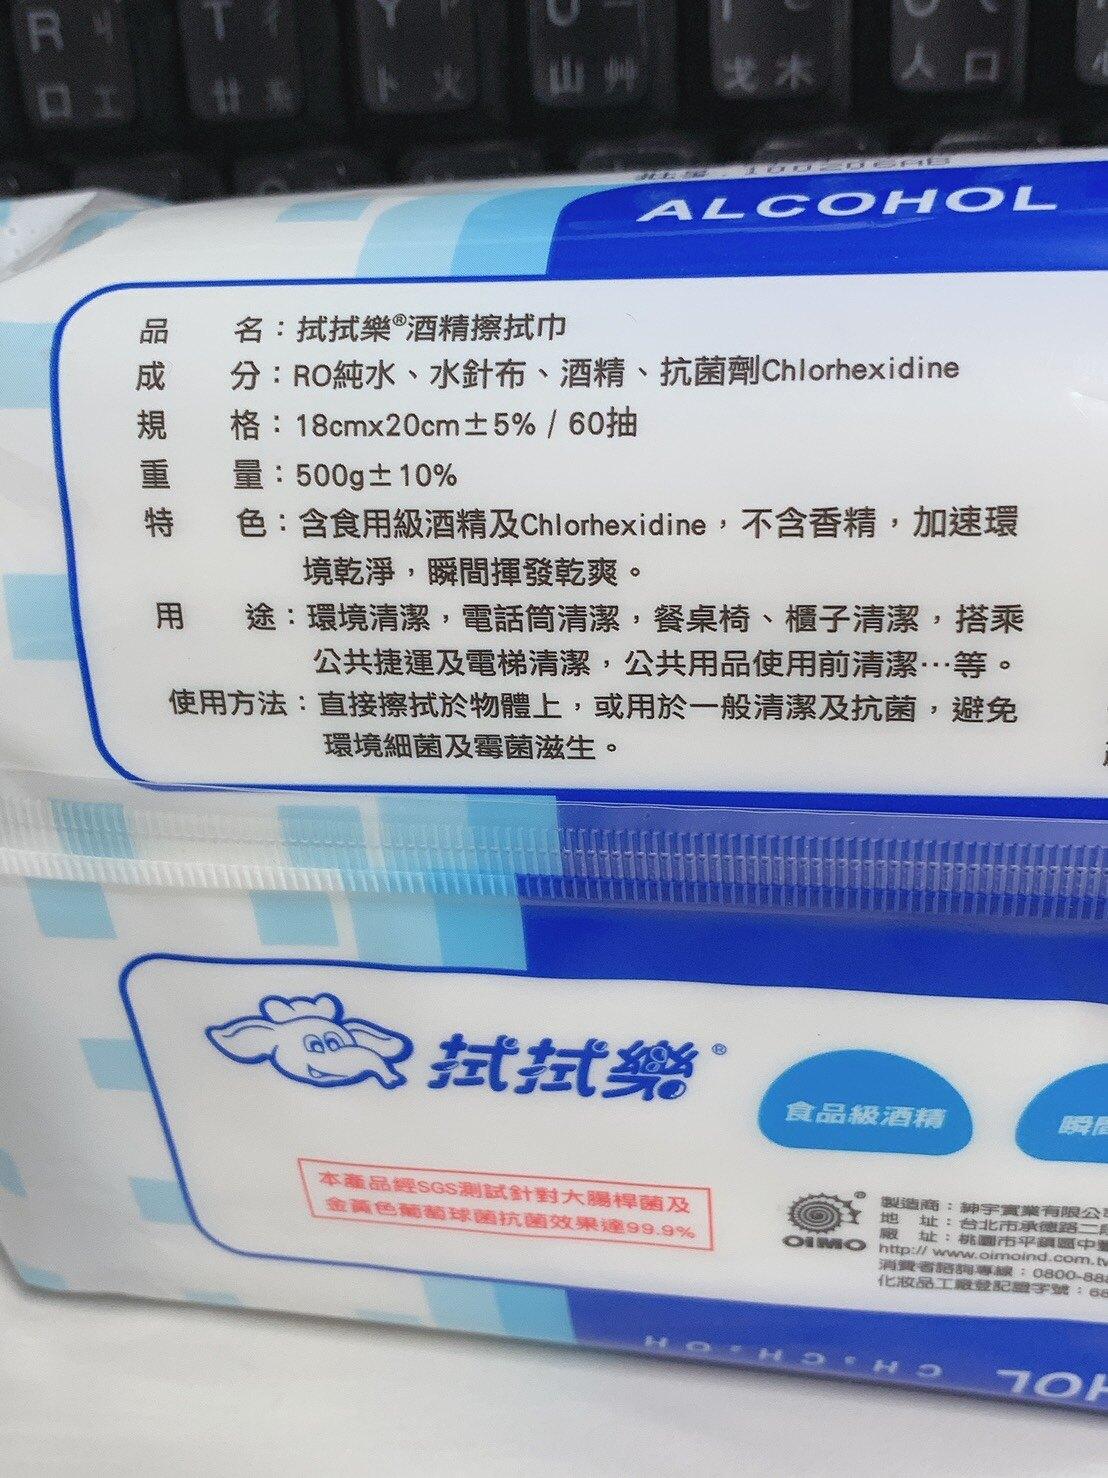 酒精 擦拭巾 拭拭樂 60抽 抗菌 無香精 瞬間抗菌 超大 超厚